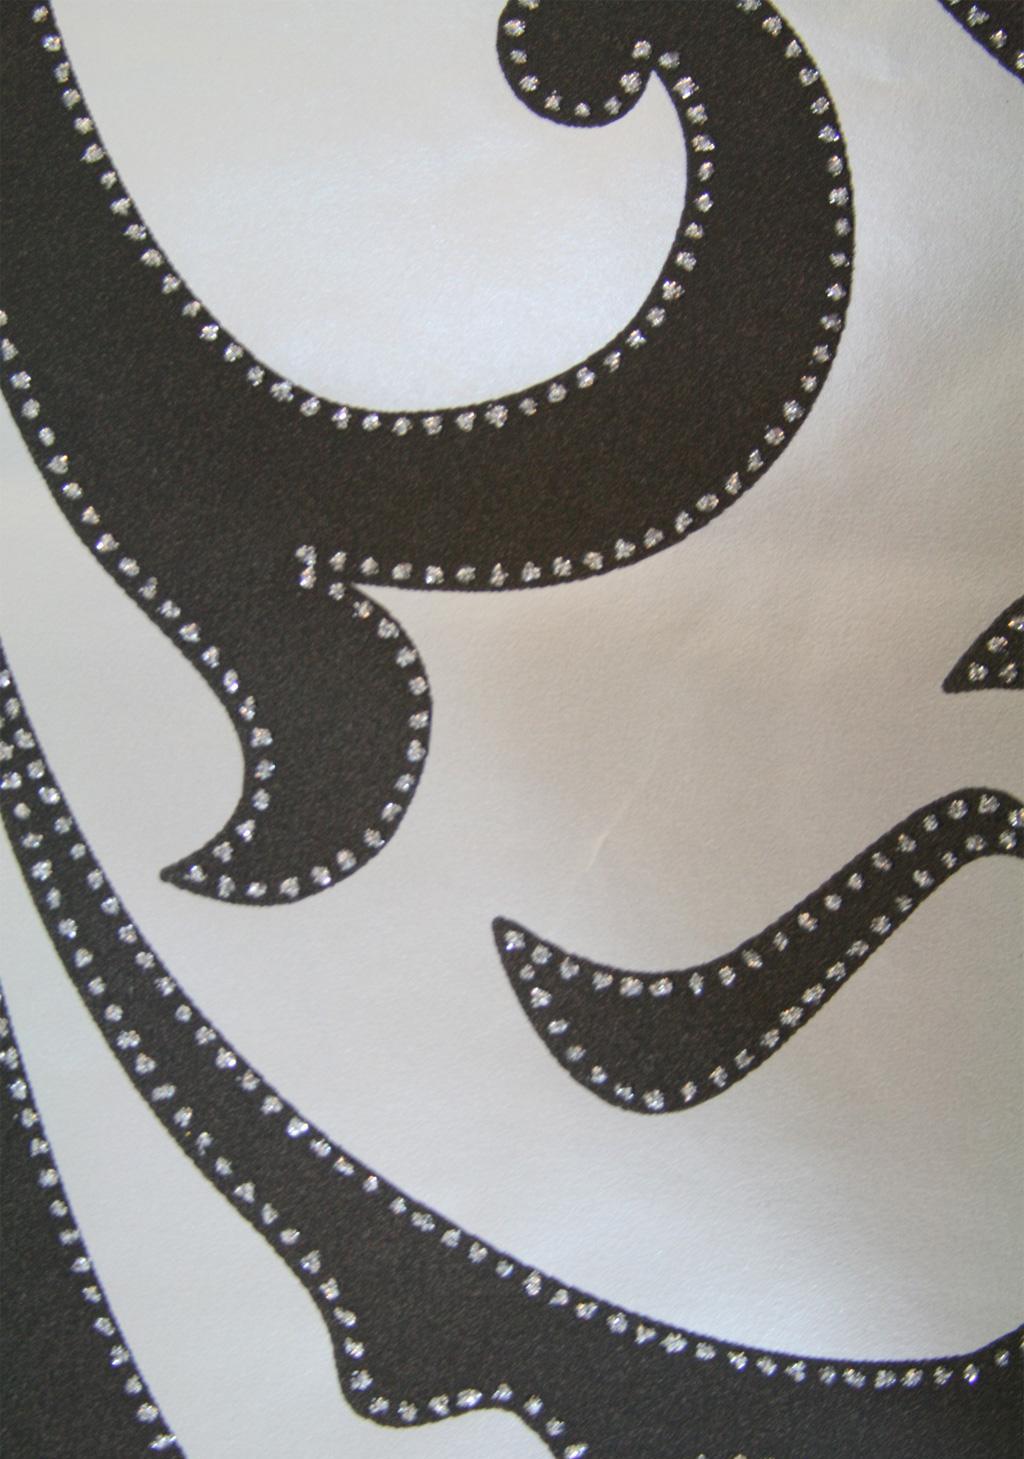 豪美迪壁纸欧式系列-5543755437